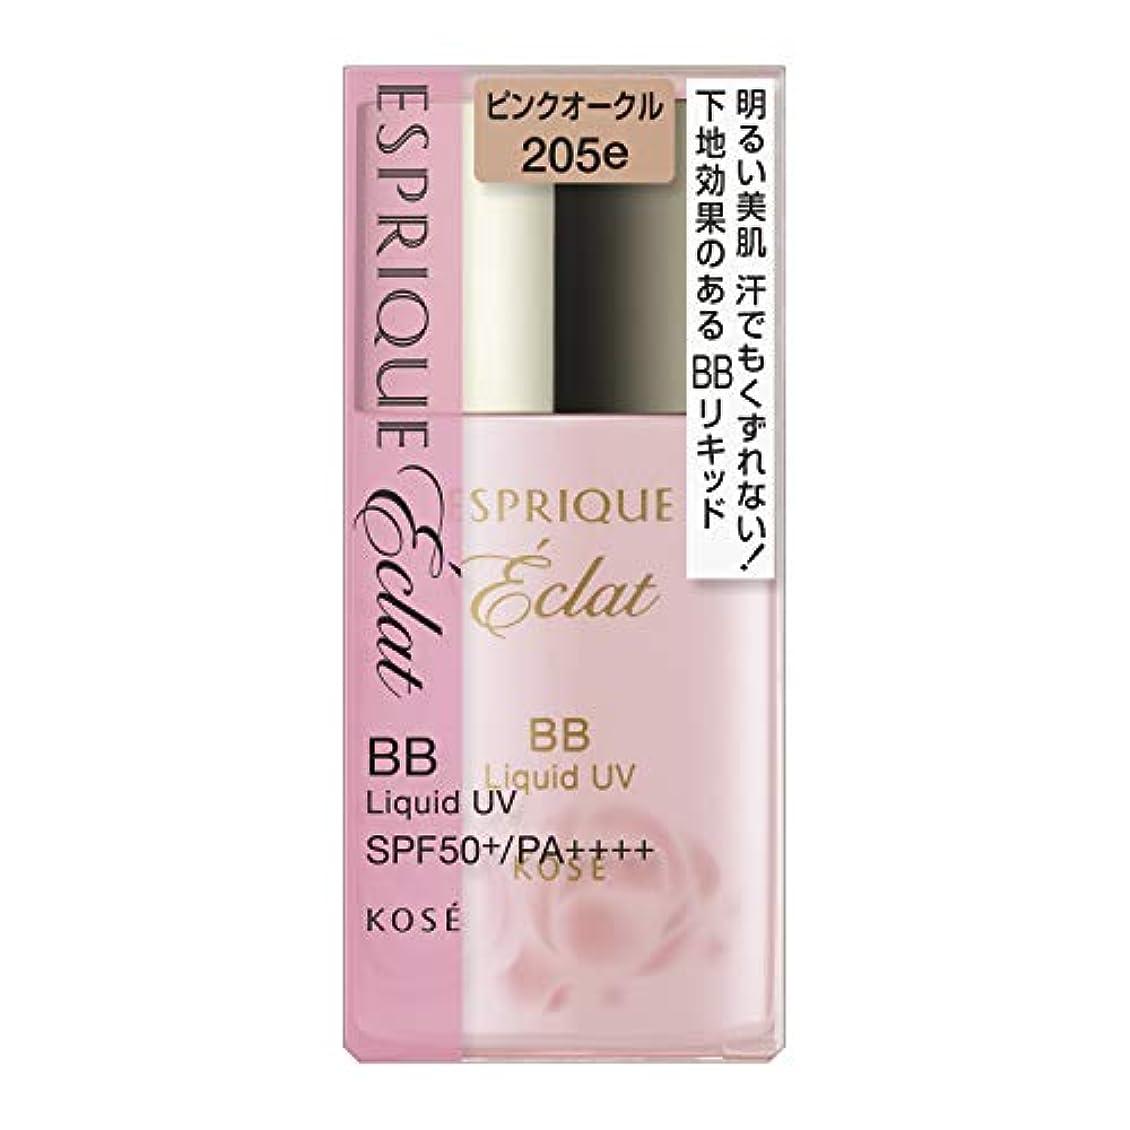 支出有効化練るエスプリーク エクラ 明るさ持続 BB リキッド UV PO205e ピンクオークル 30g